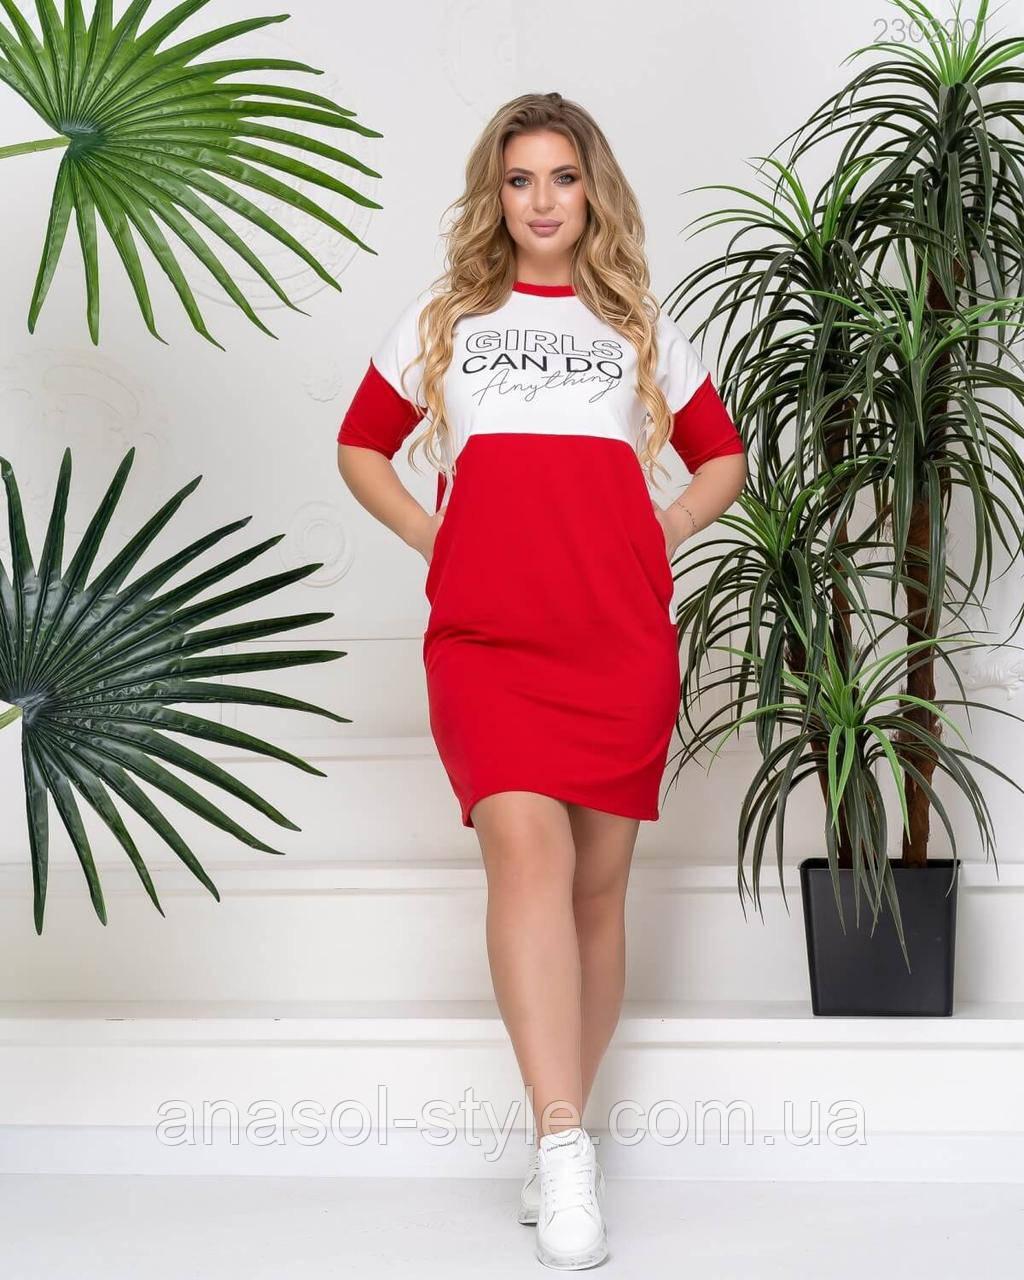 Модное платье-футболка большого размера в стиле Спорт - шик №2 красное